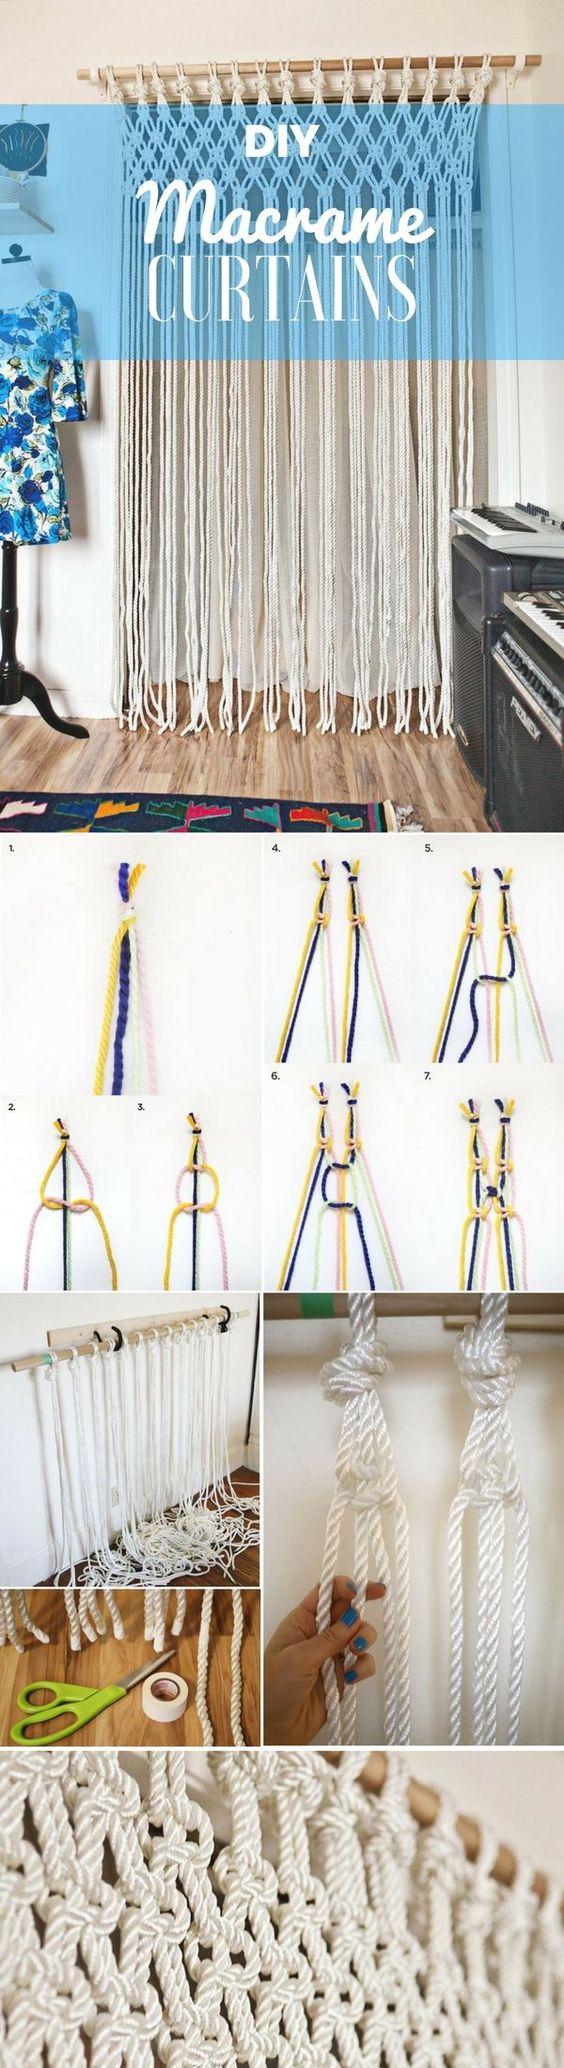 如何用一根绳子编织成各种实用的家居用品